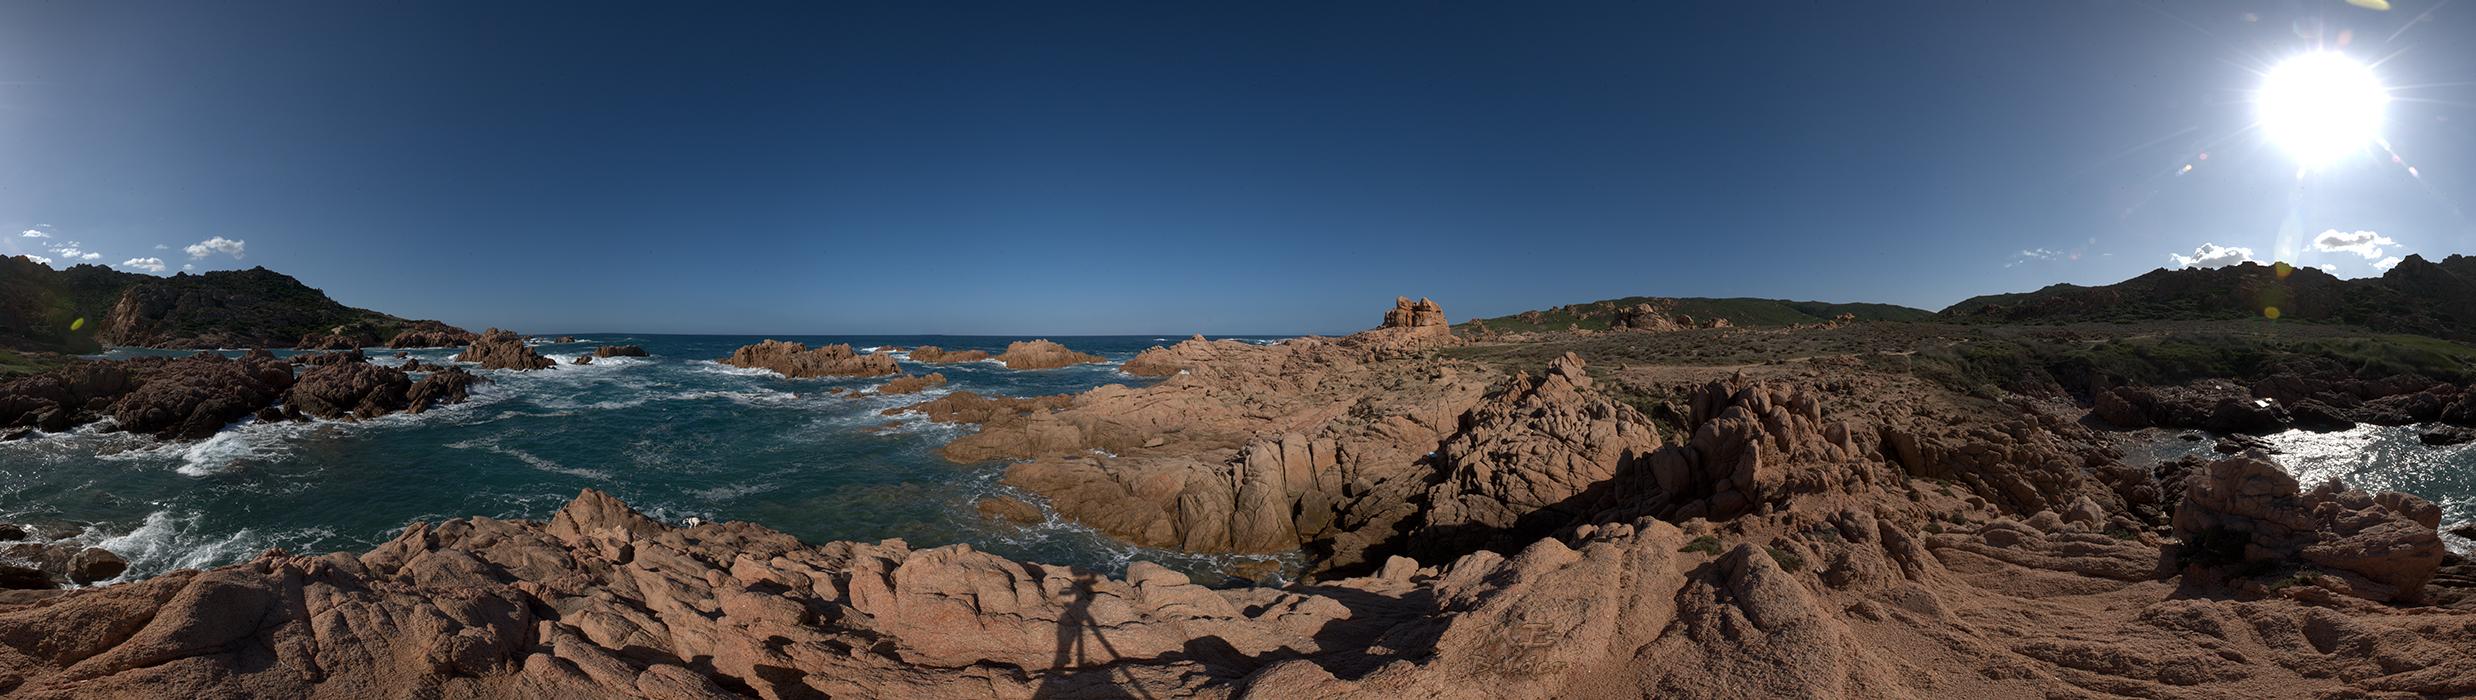 360° Nordost Küste Sardinen - aus 48 Einzelaufnahmen